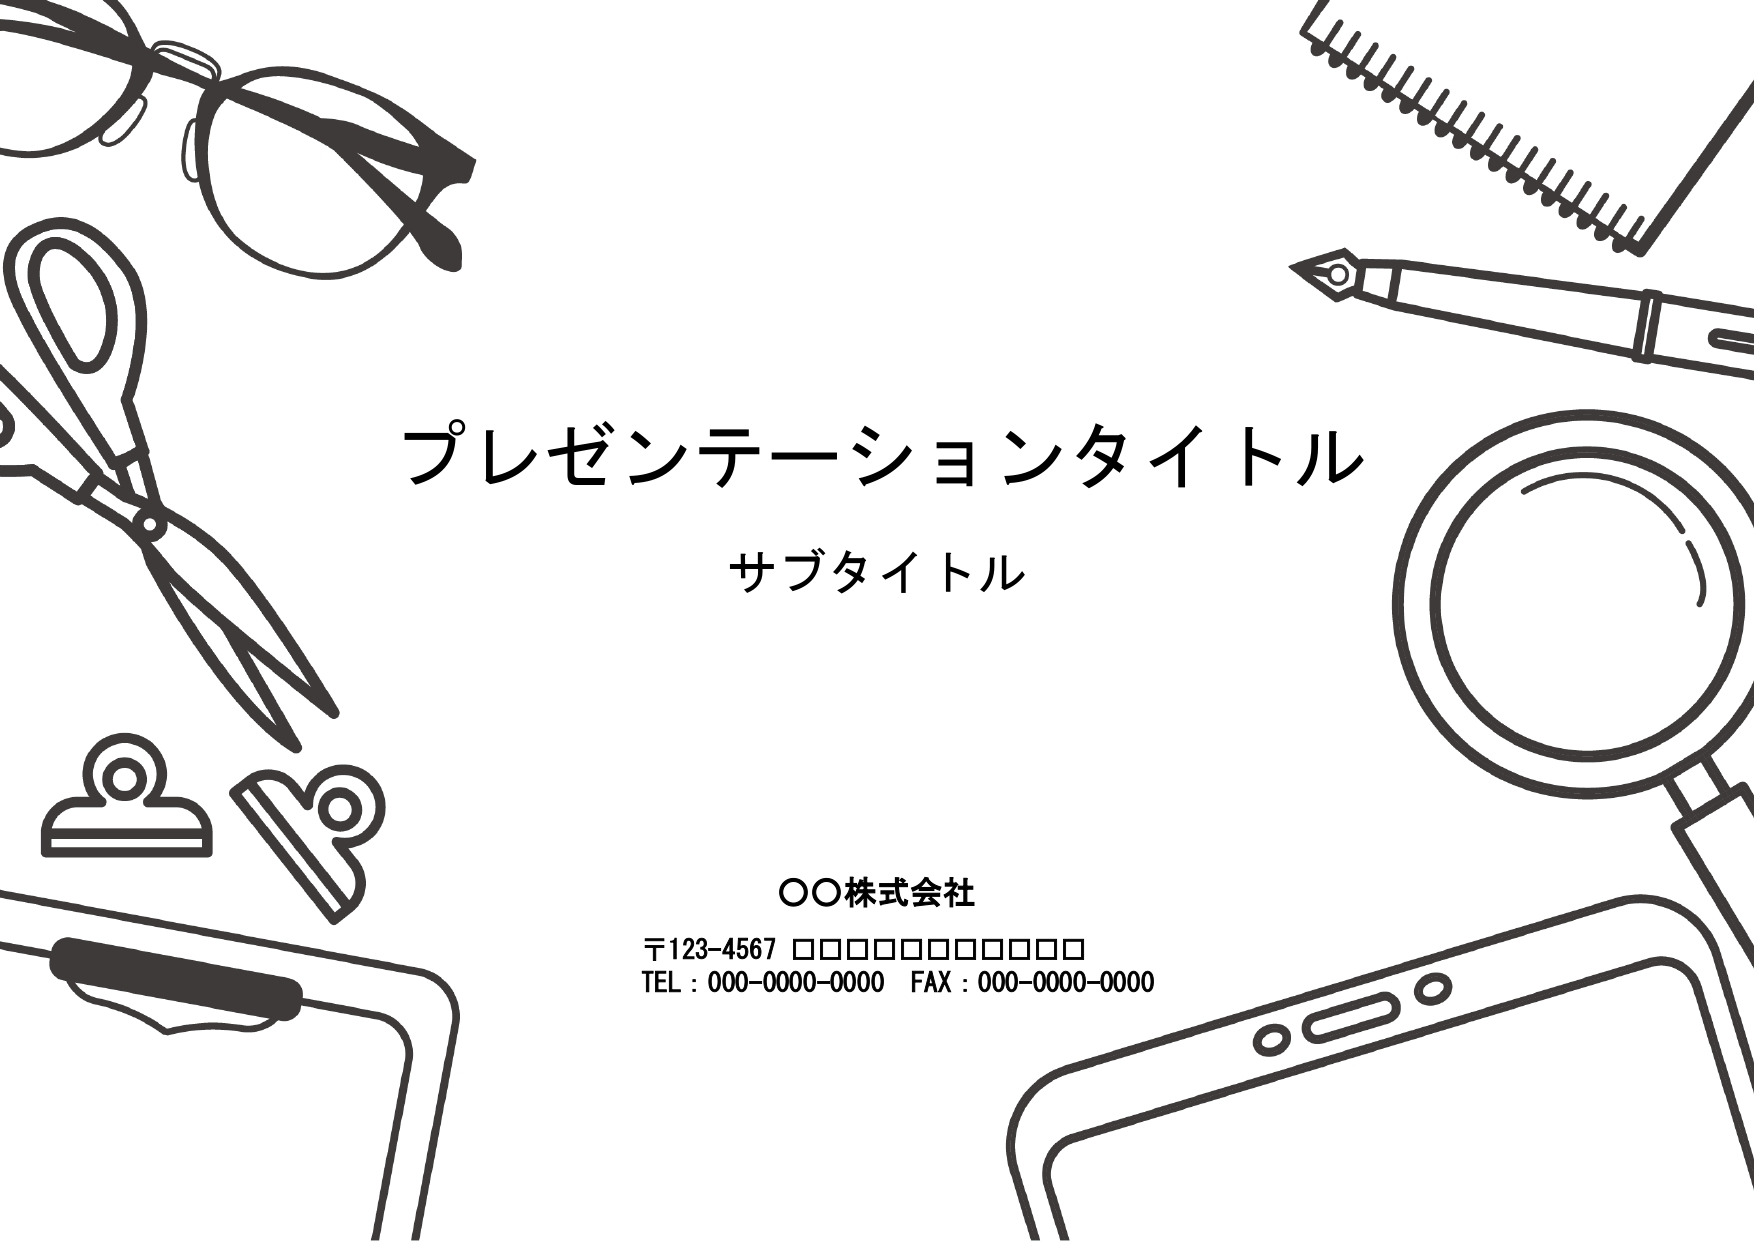 かわいい!文具のパワーポイント無料のイラストテンプレート素材